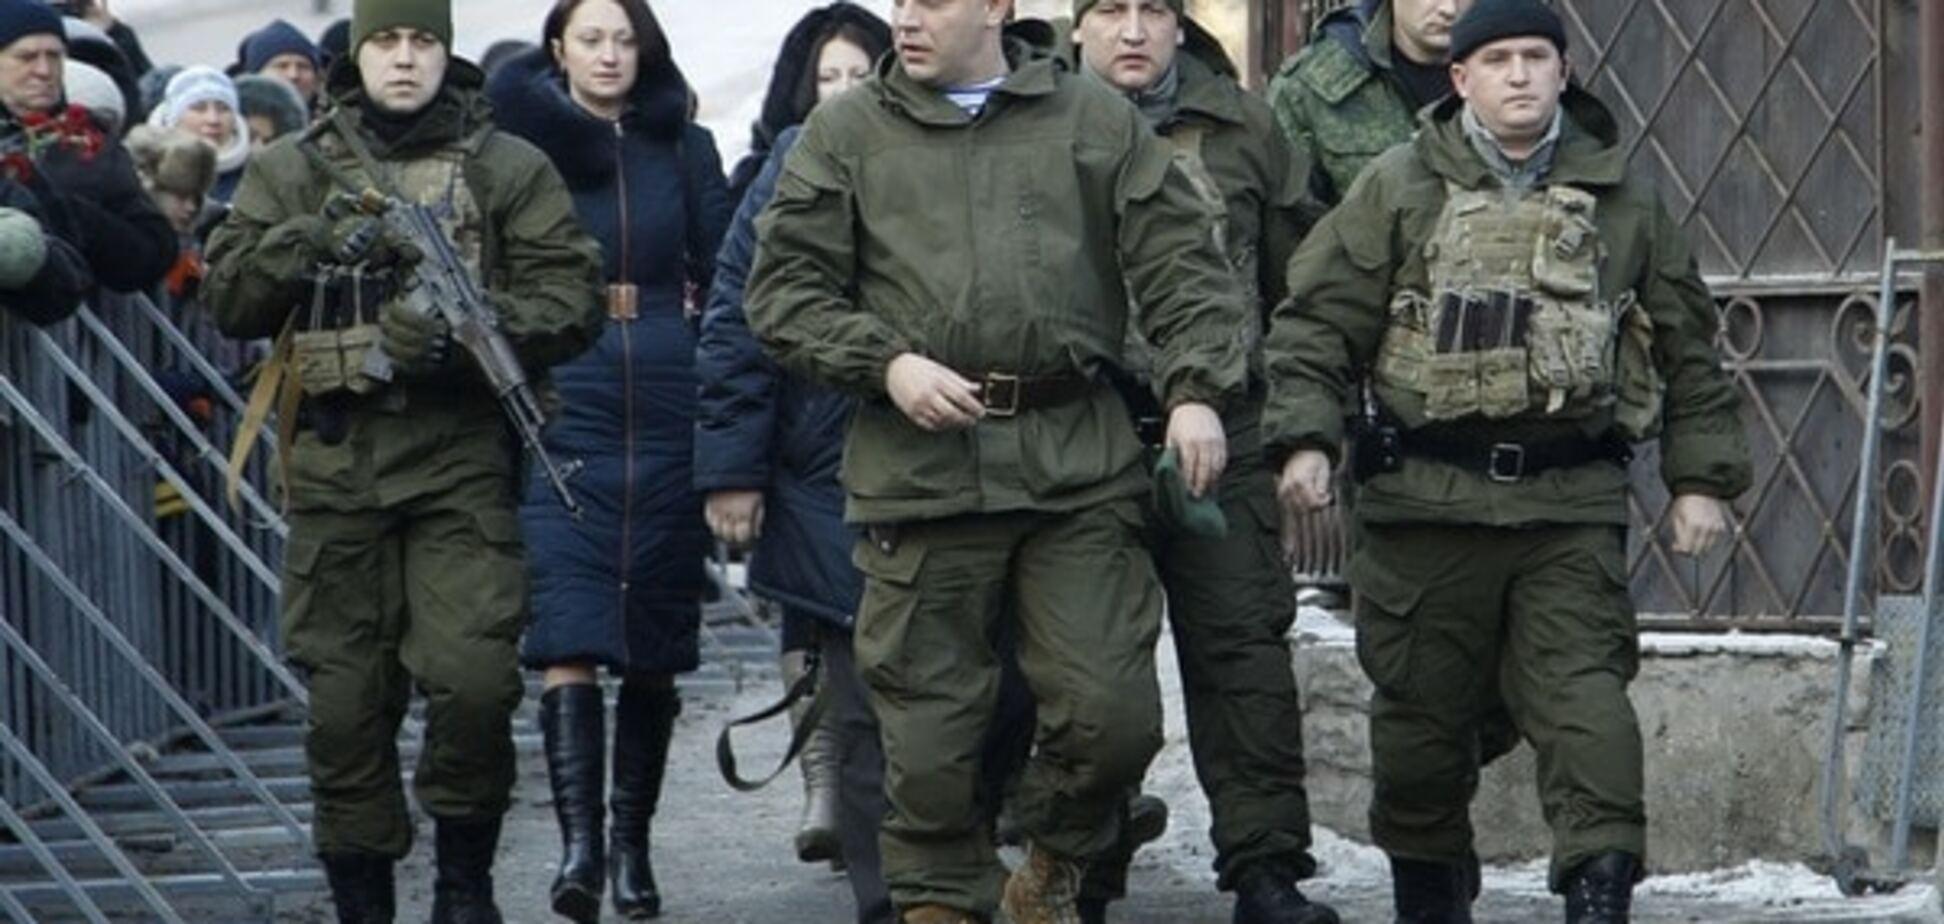 Тимчук: ватажок 'ДНР' обзавівся полком особистої охорони